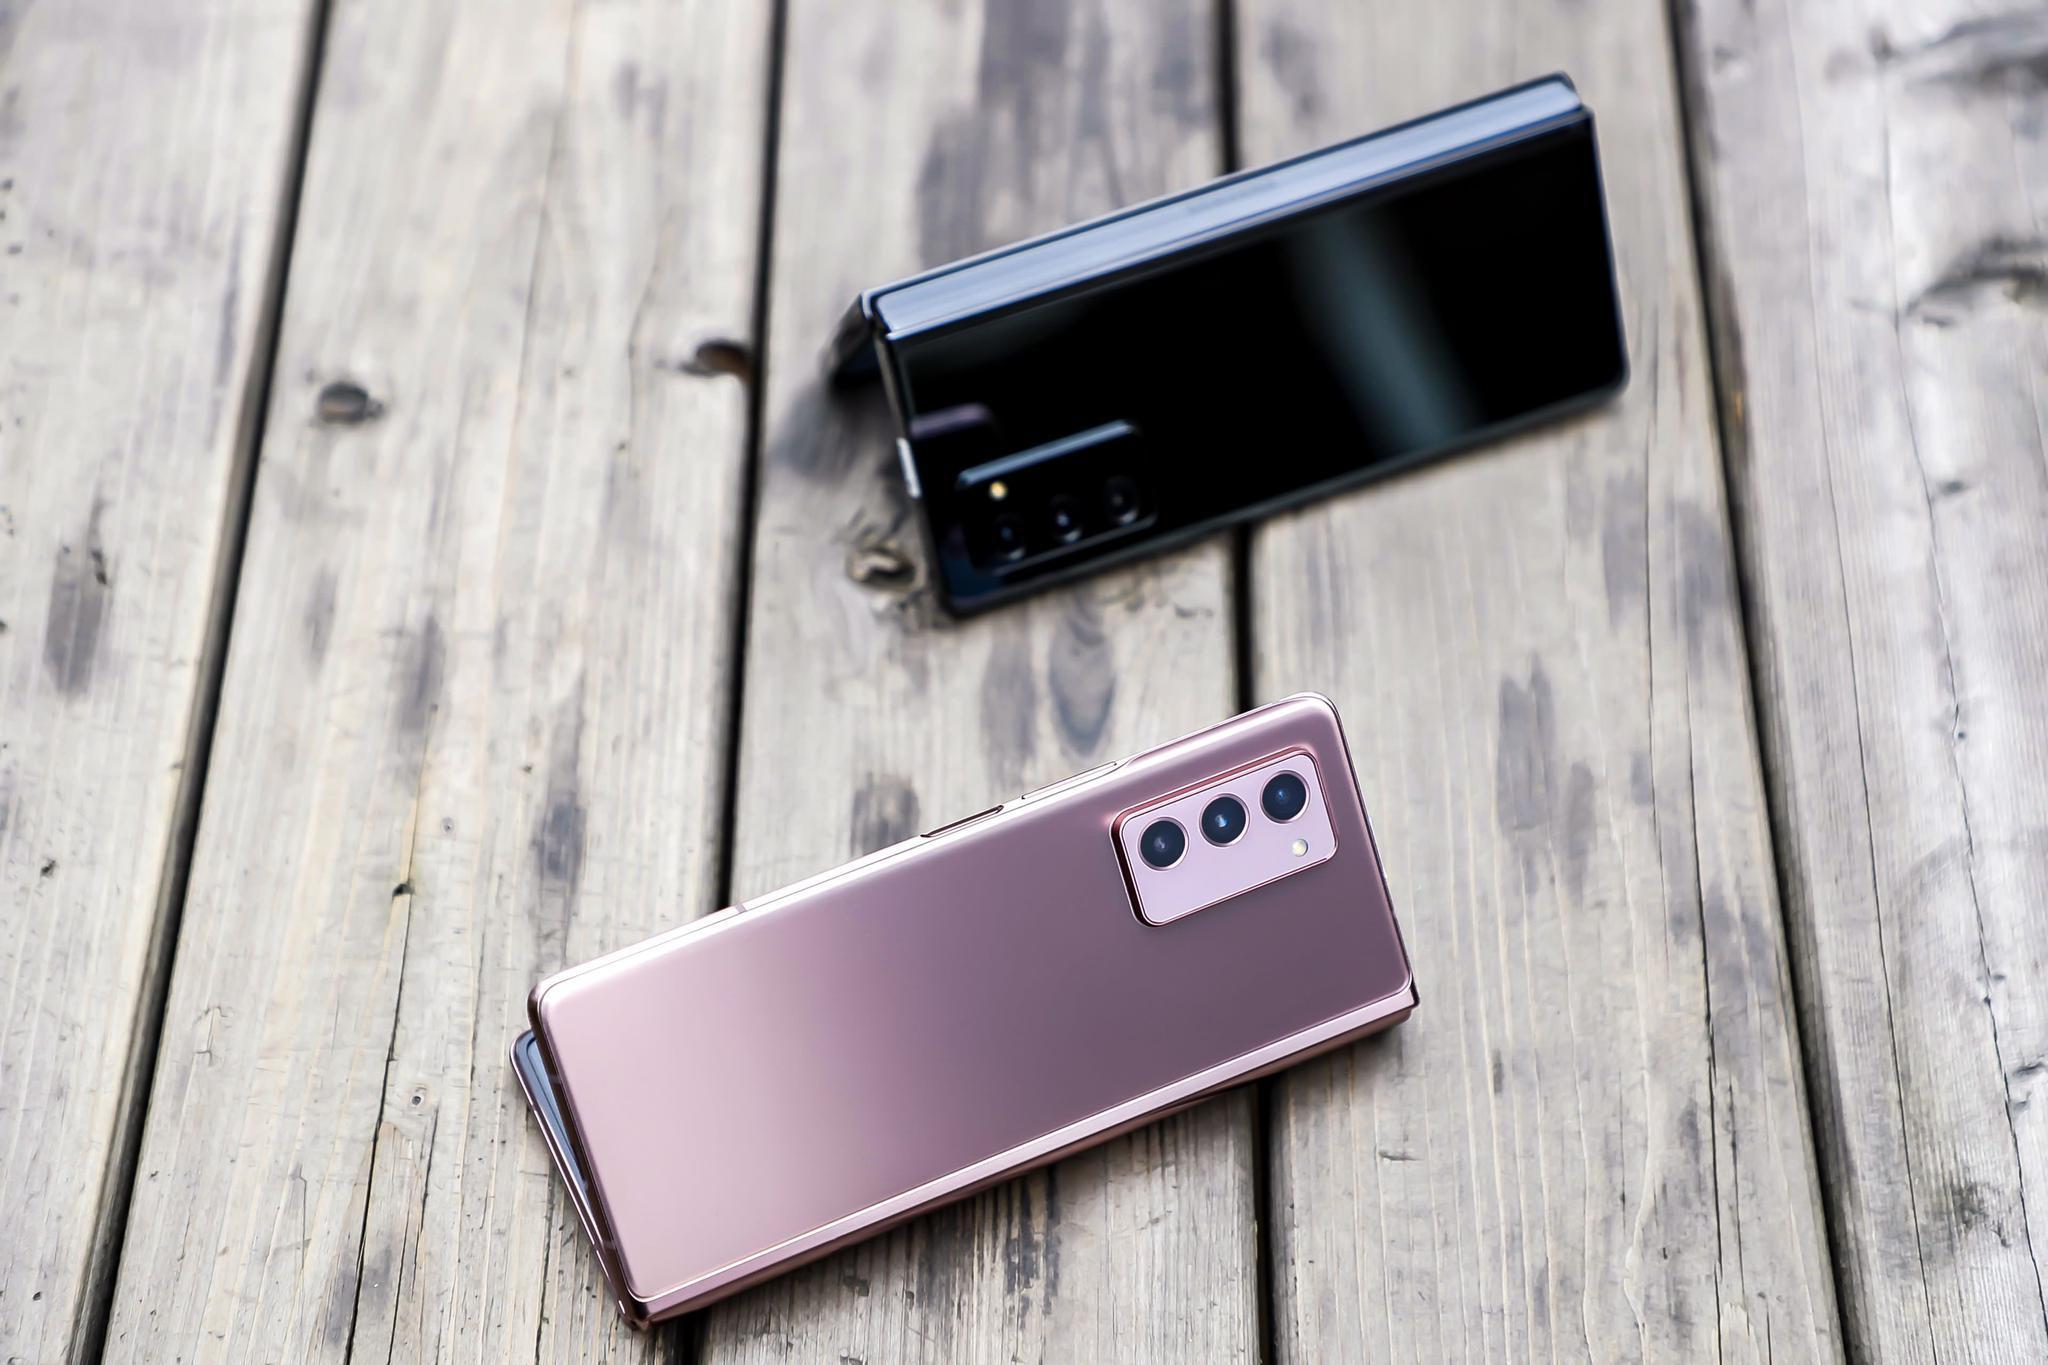 三星Galaxy Z Fold2 5G:折叠屏从此走入成熟时代